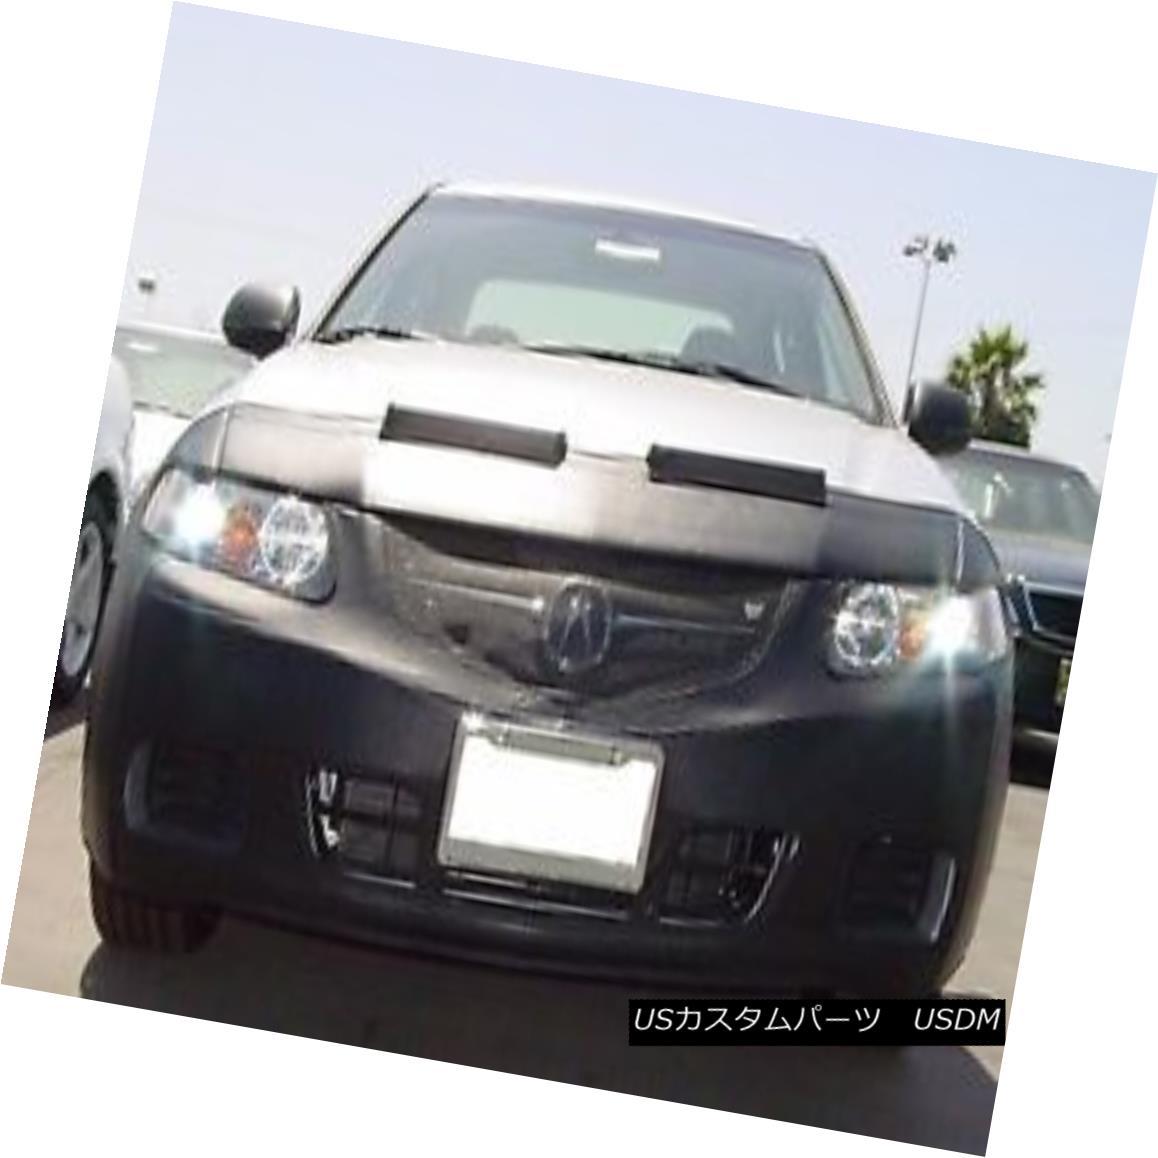 フルブラ ノーズブラ Colgan Front End Mask Bra 2pc. Fits 2004-2005 Acura TSX w/o License Plate コルガンフロントエンドマスクブラ2pc 2004-2005 Acura TSX(ライセンスプレートなし)